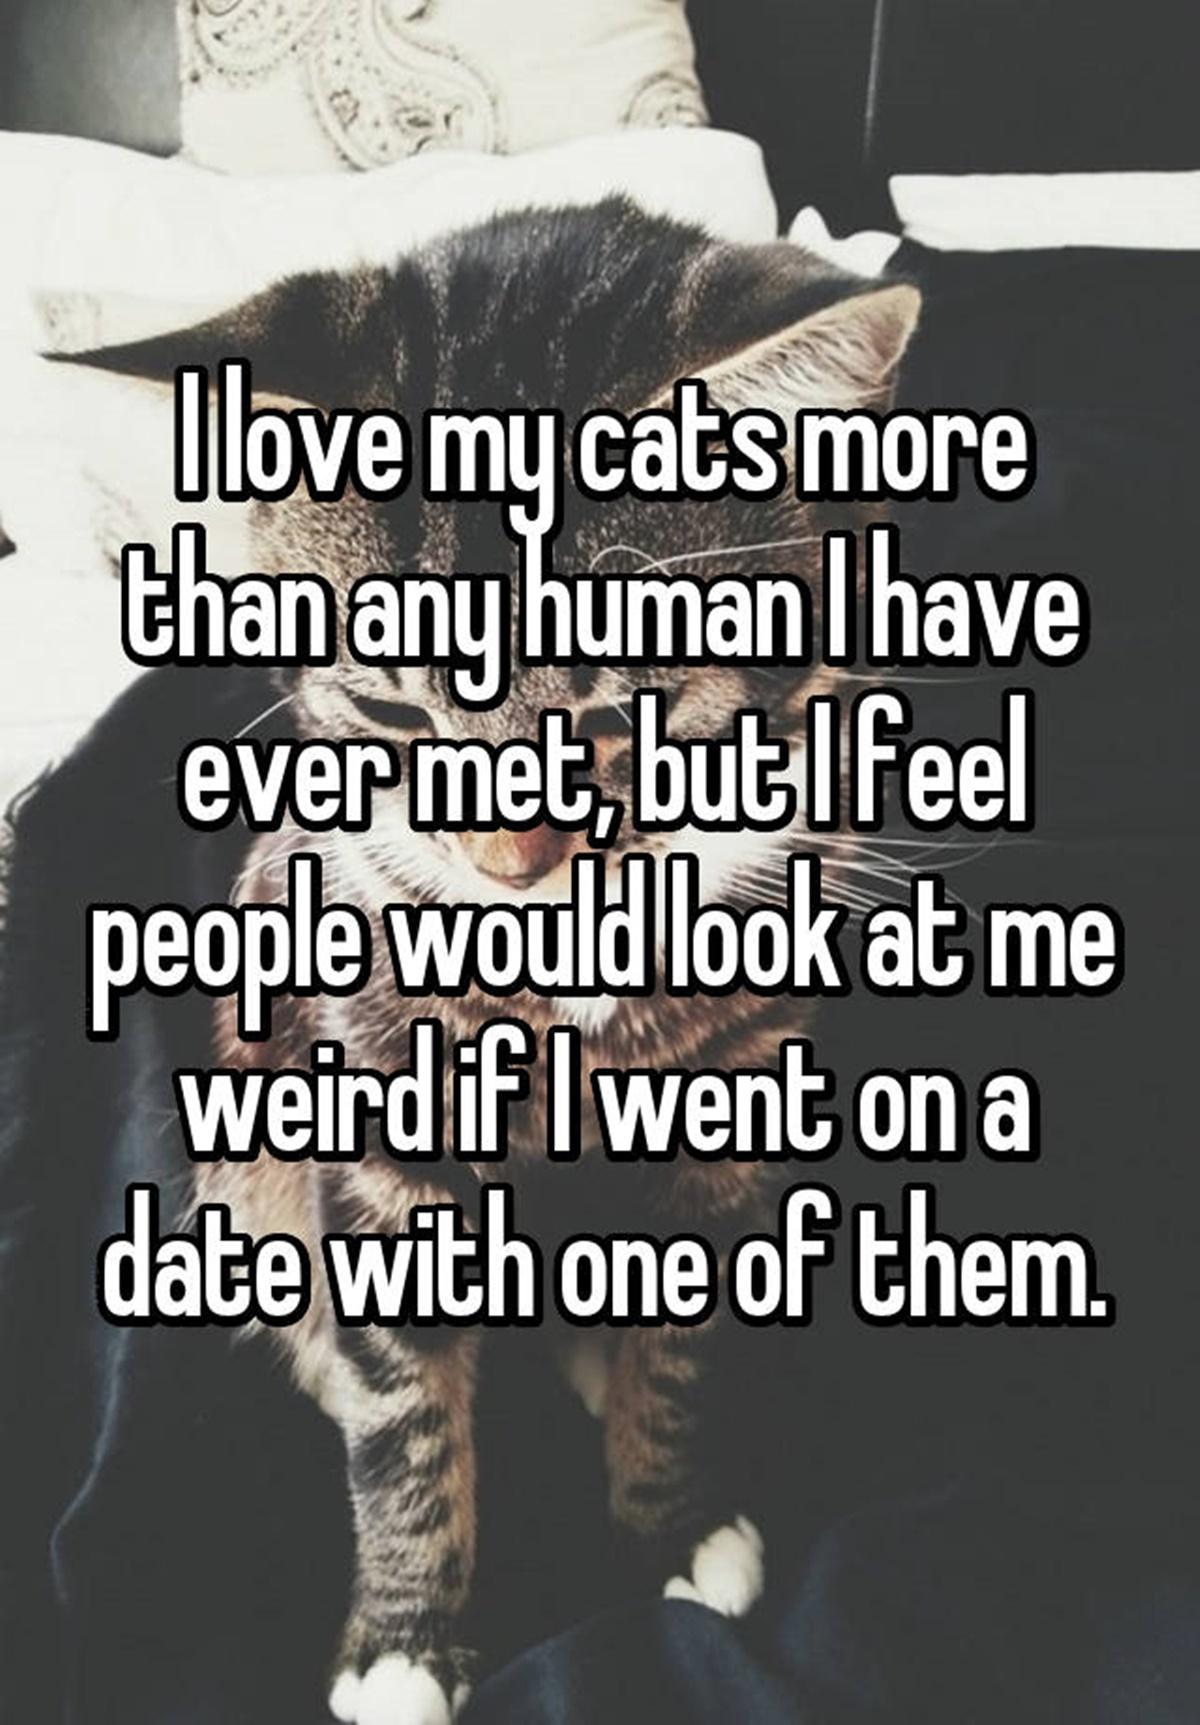 amore come umano